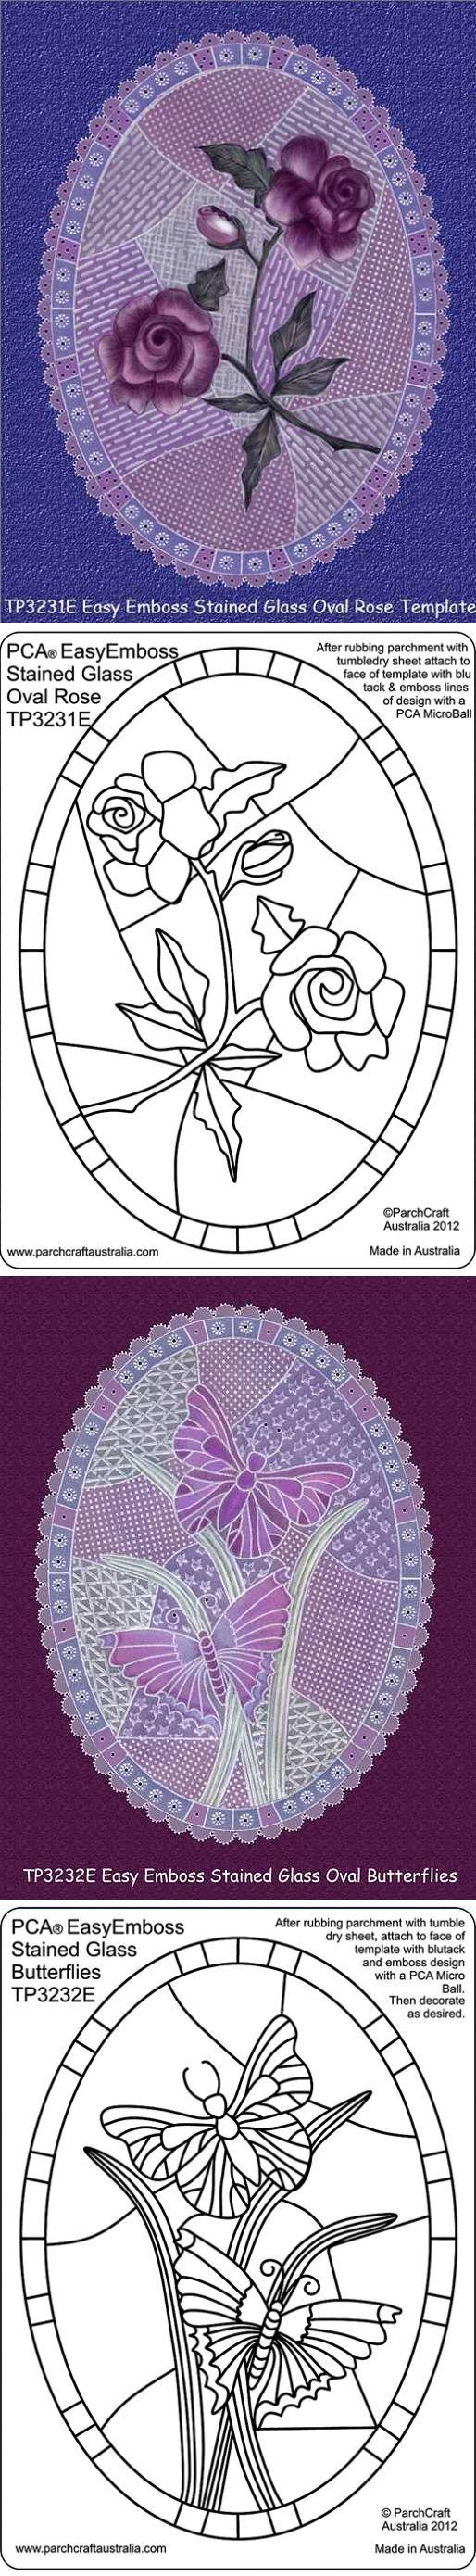 Шаблоны открыток в технике пергамано